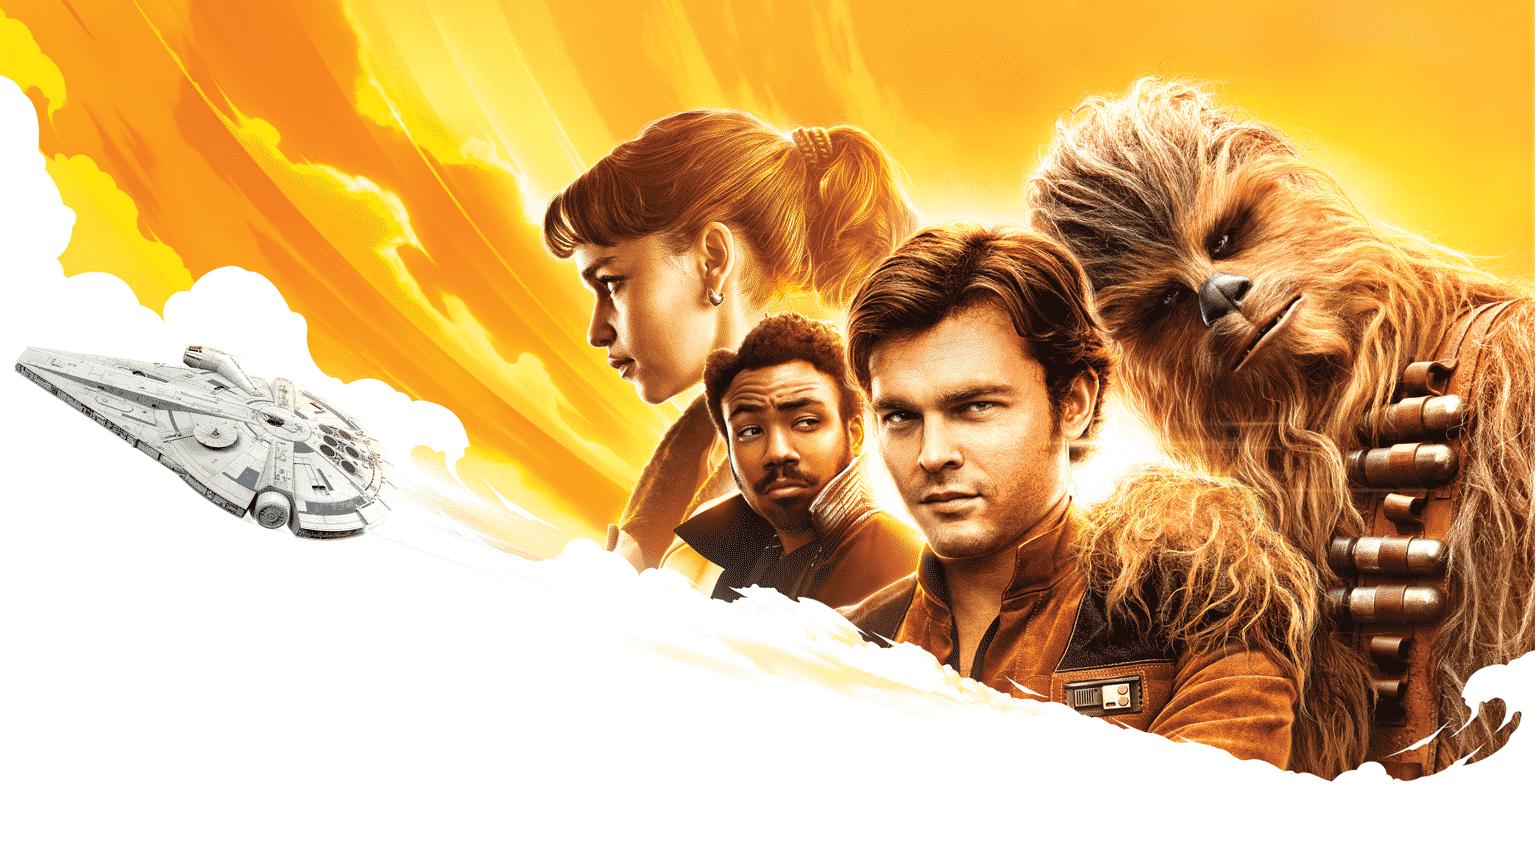 Menos Star Wars, mais qualidade? Novos rumos e nova trilogia de Star Wars